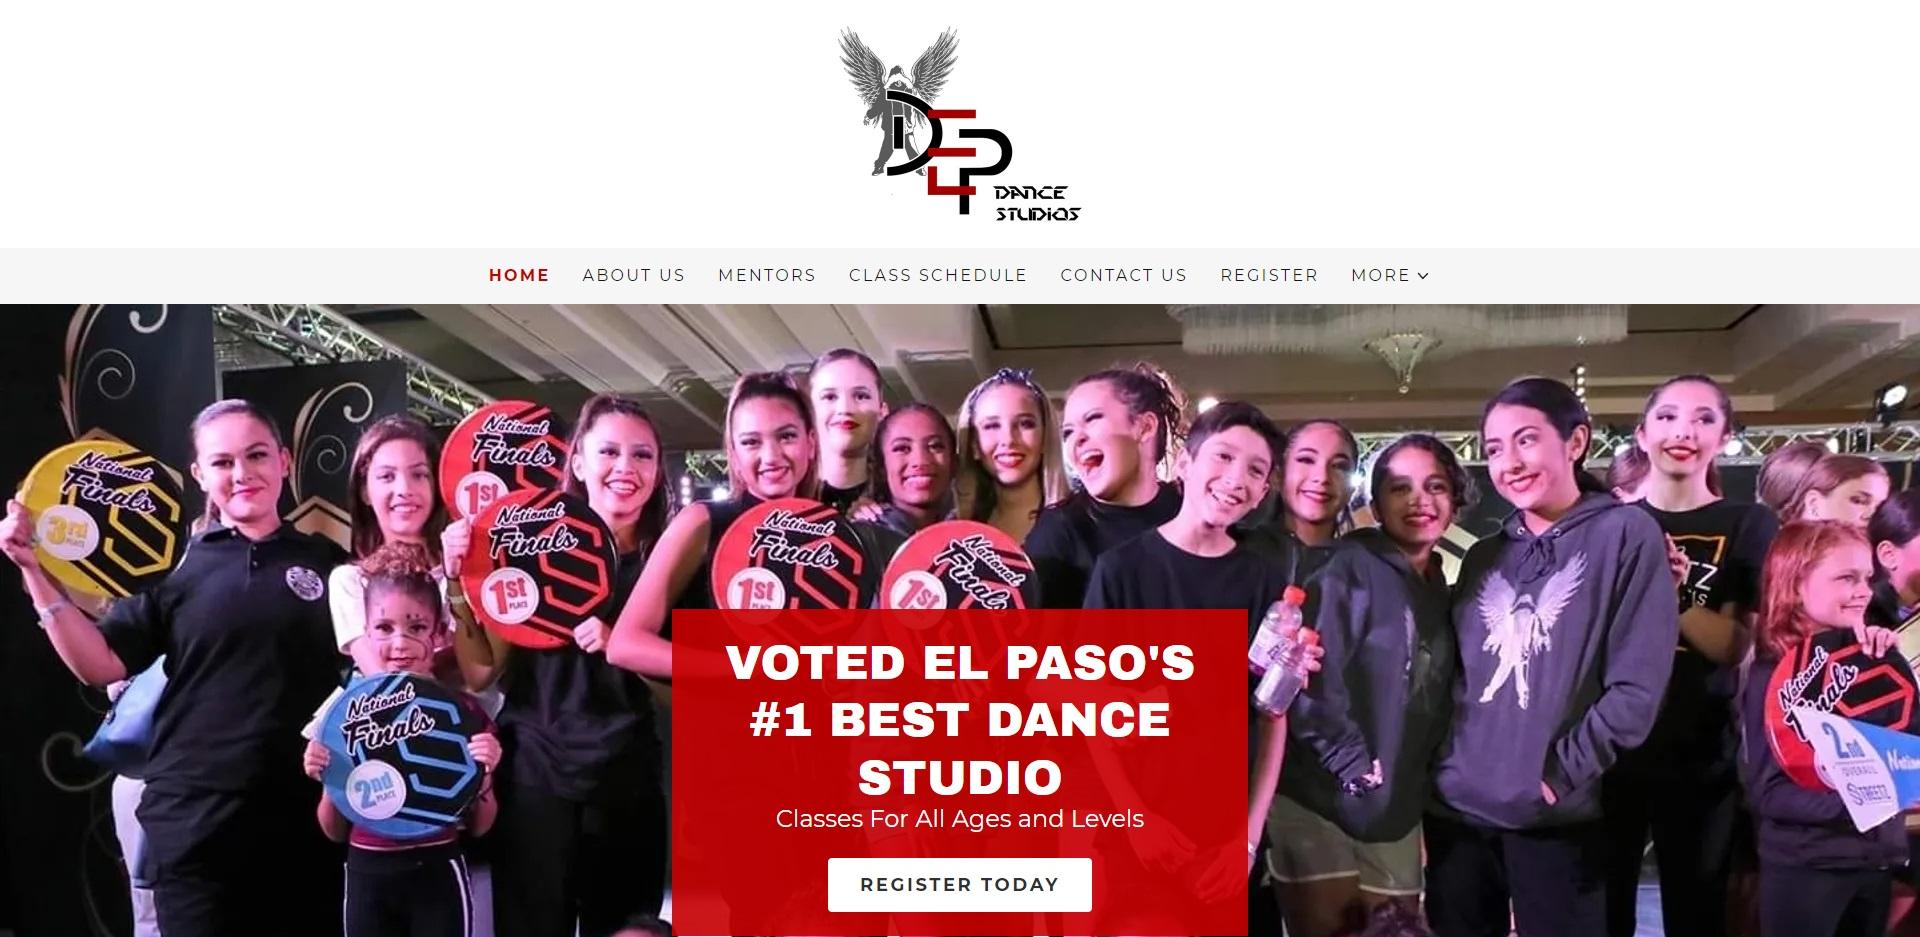 El Paso, TX's Best Dance